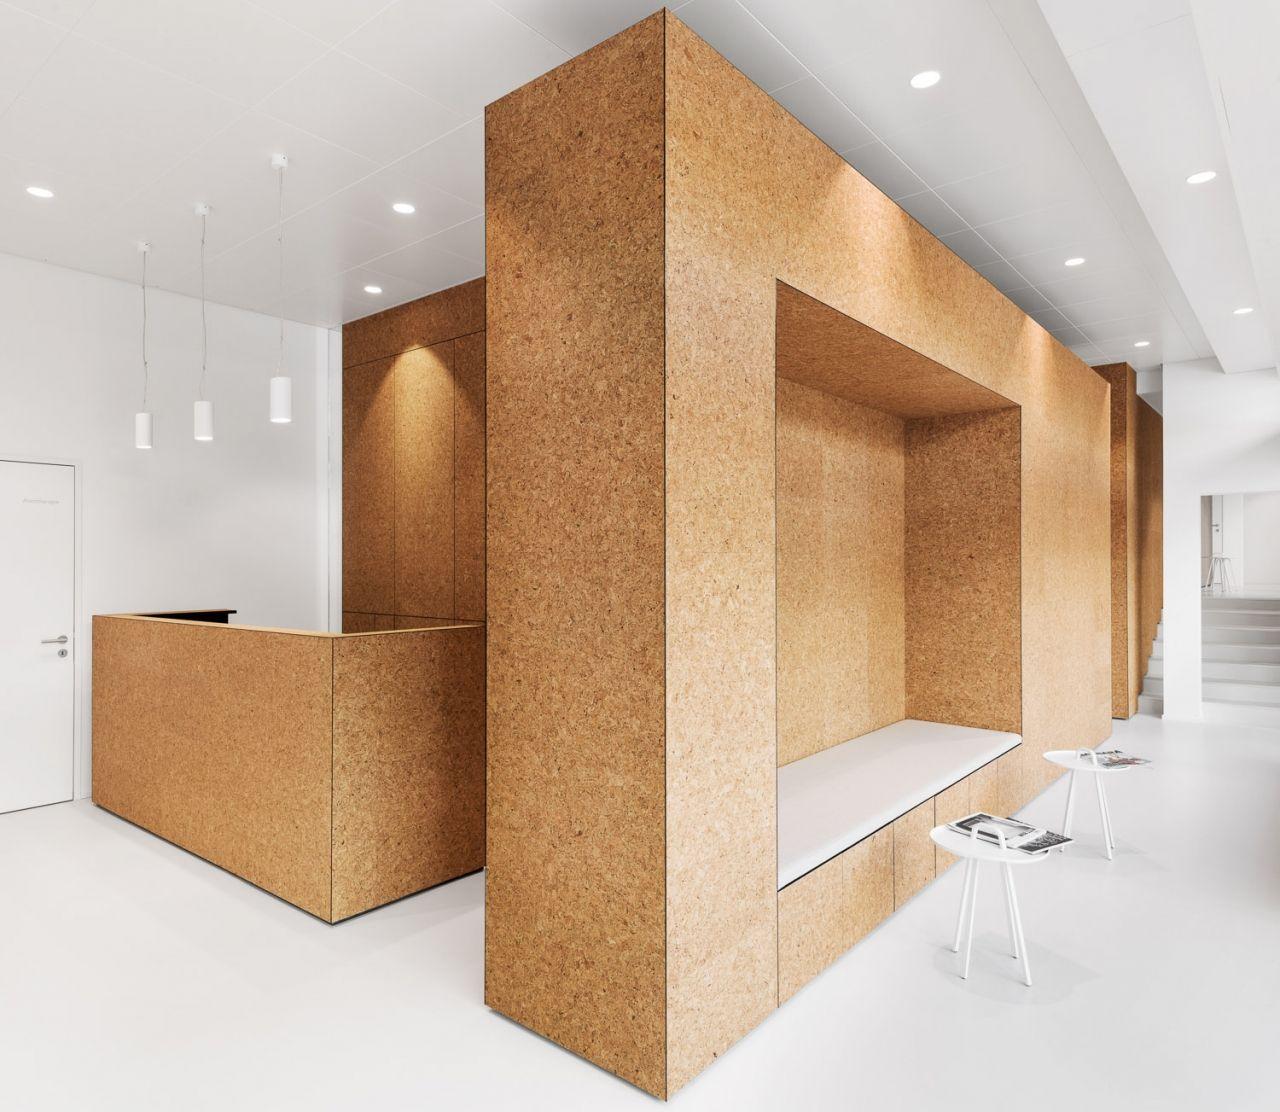 Home-office-innenarchitektur dost  architektur  innenarchitektur  stadtentwicklung